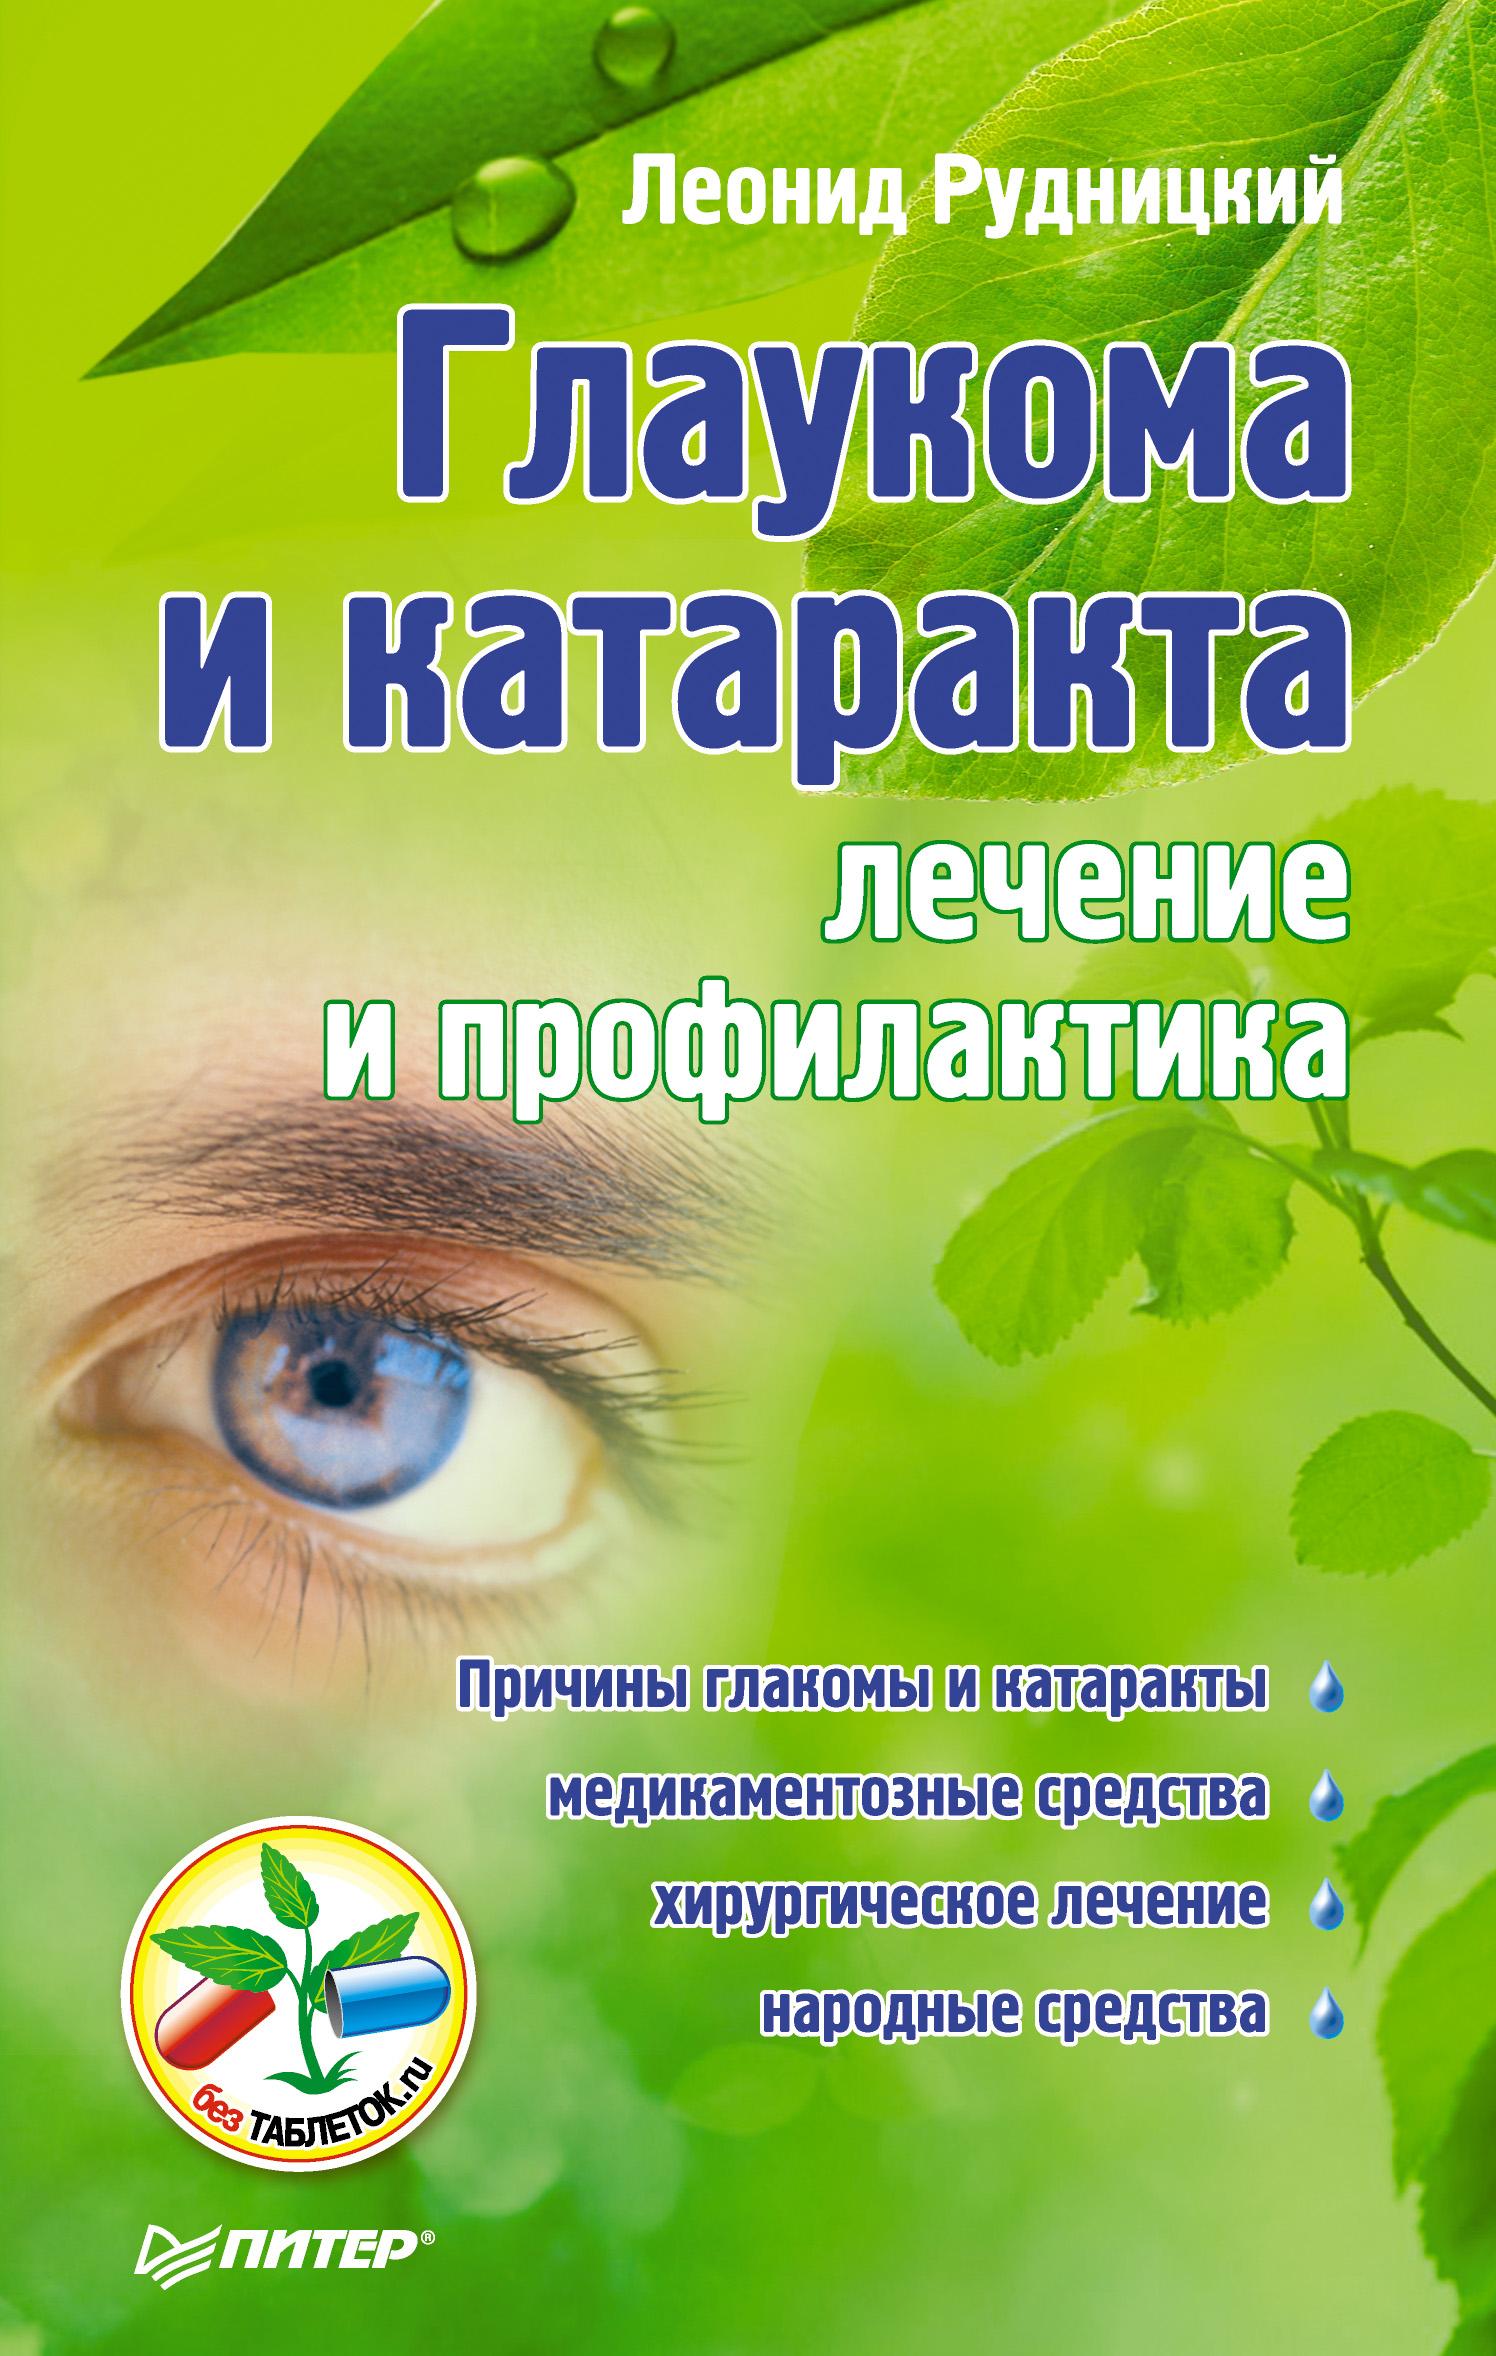 Леонид Рудницкий Глаукома и катаракта: лечение и профилактика леонид рудницкий глаукома и катаракта лечение и профилактика